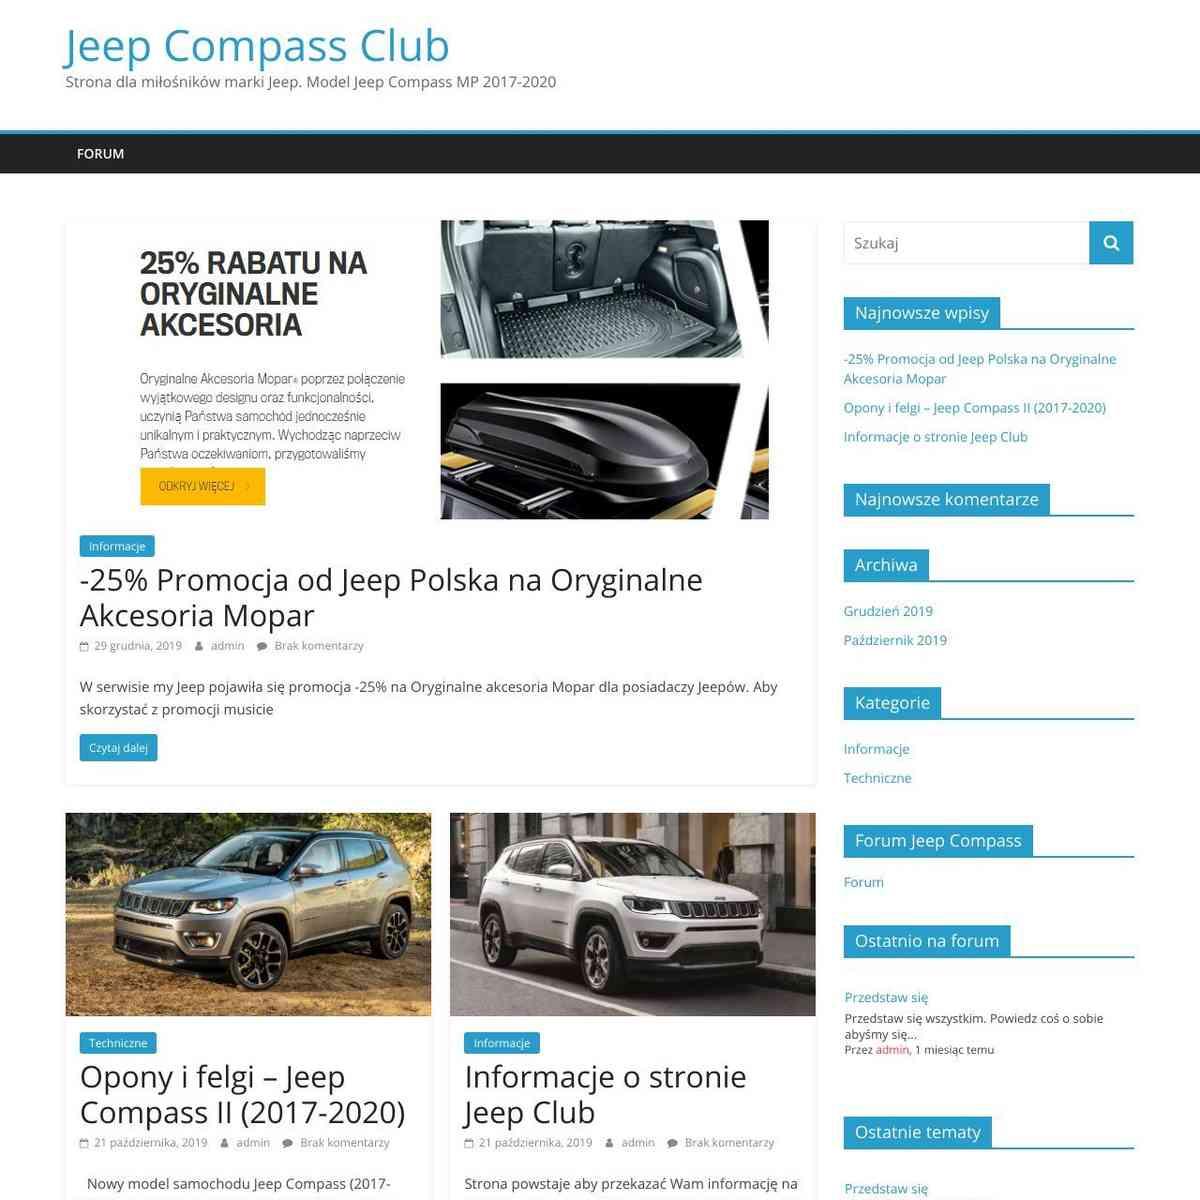 Jeep Compass Club - Strona dla miłośników marki Jeep. Model Jeep Compass MP 2017-2020